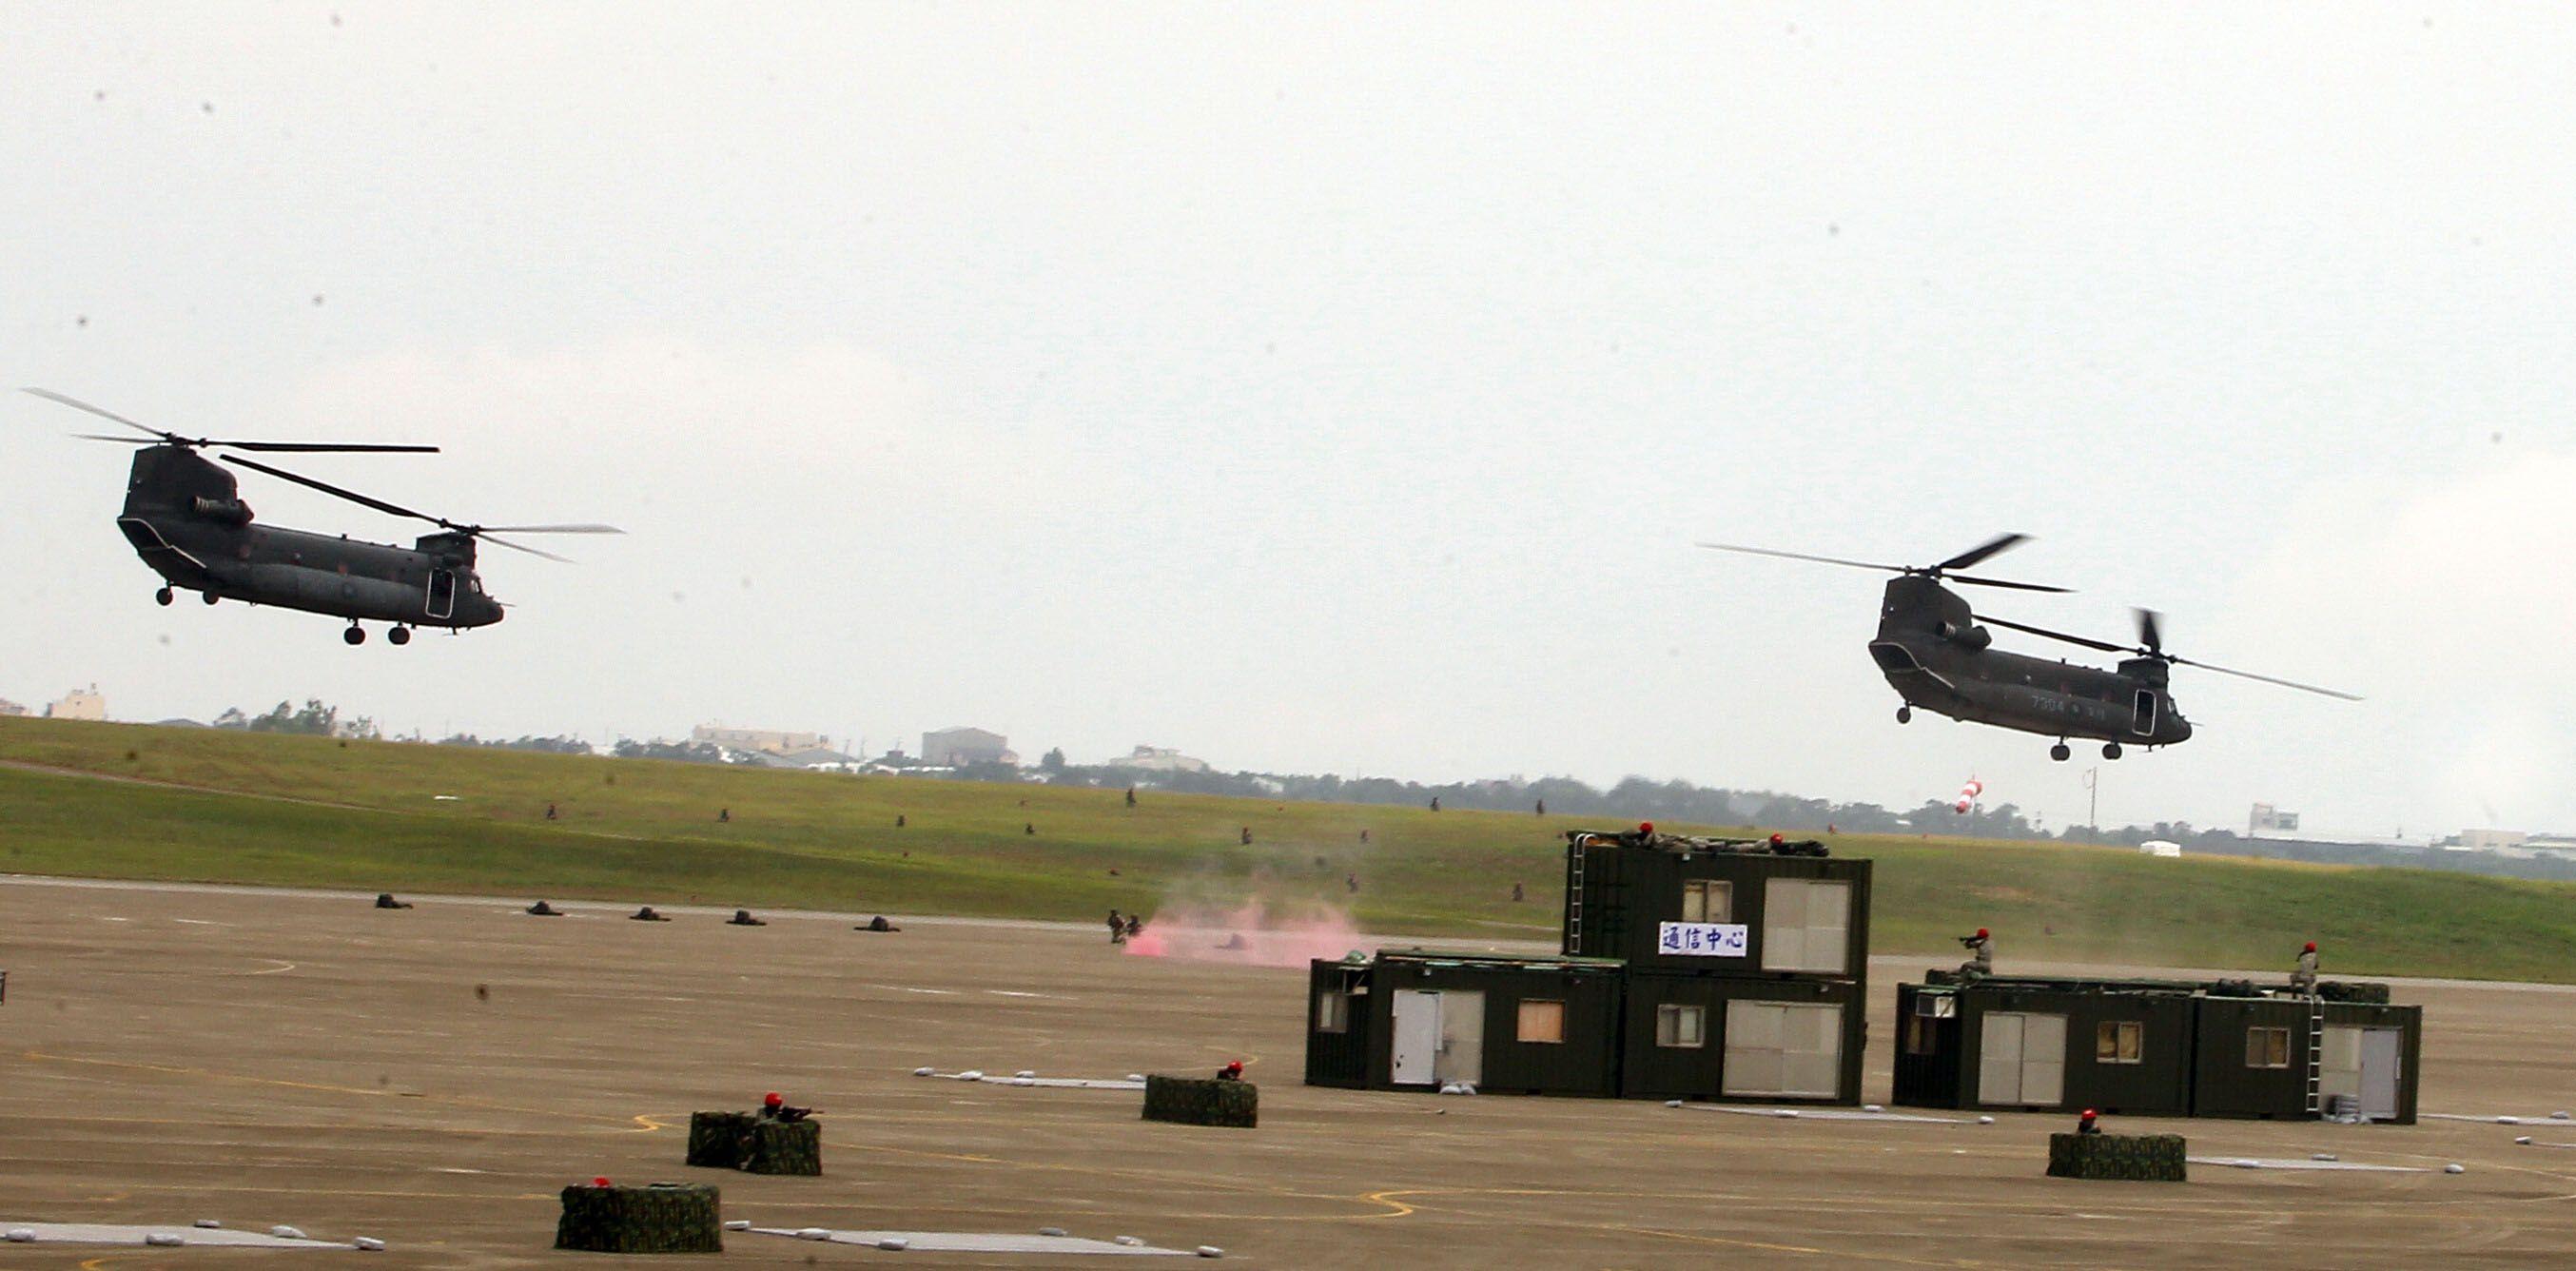 漢光34演習反空降CH-47實施空中突擊。(記者邱榮吉/清泉崗拍攝)